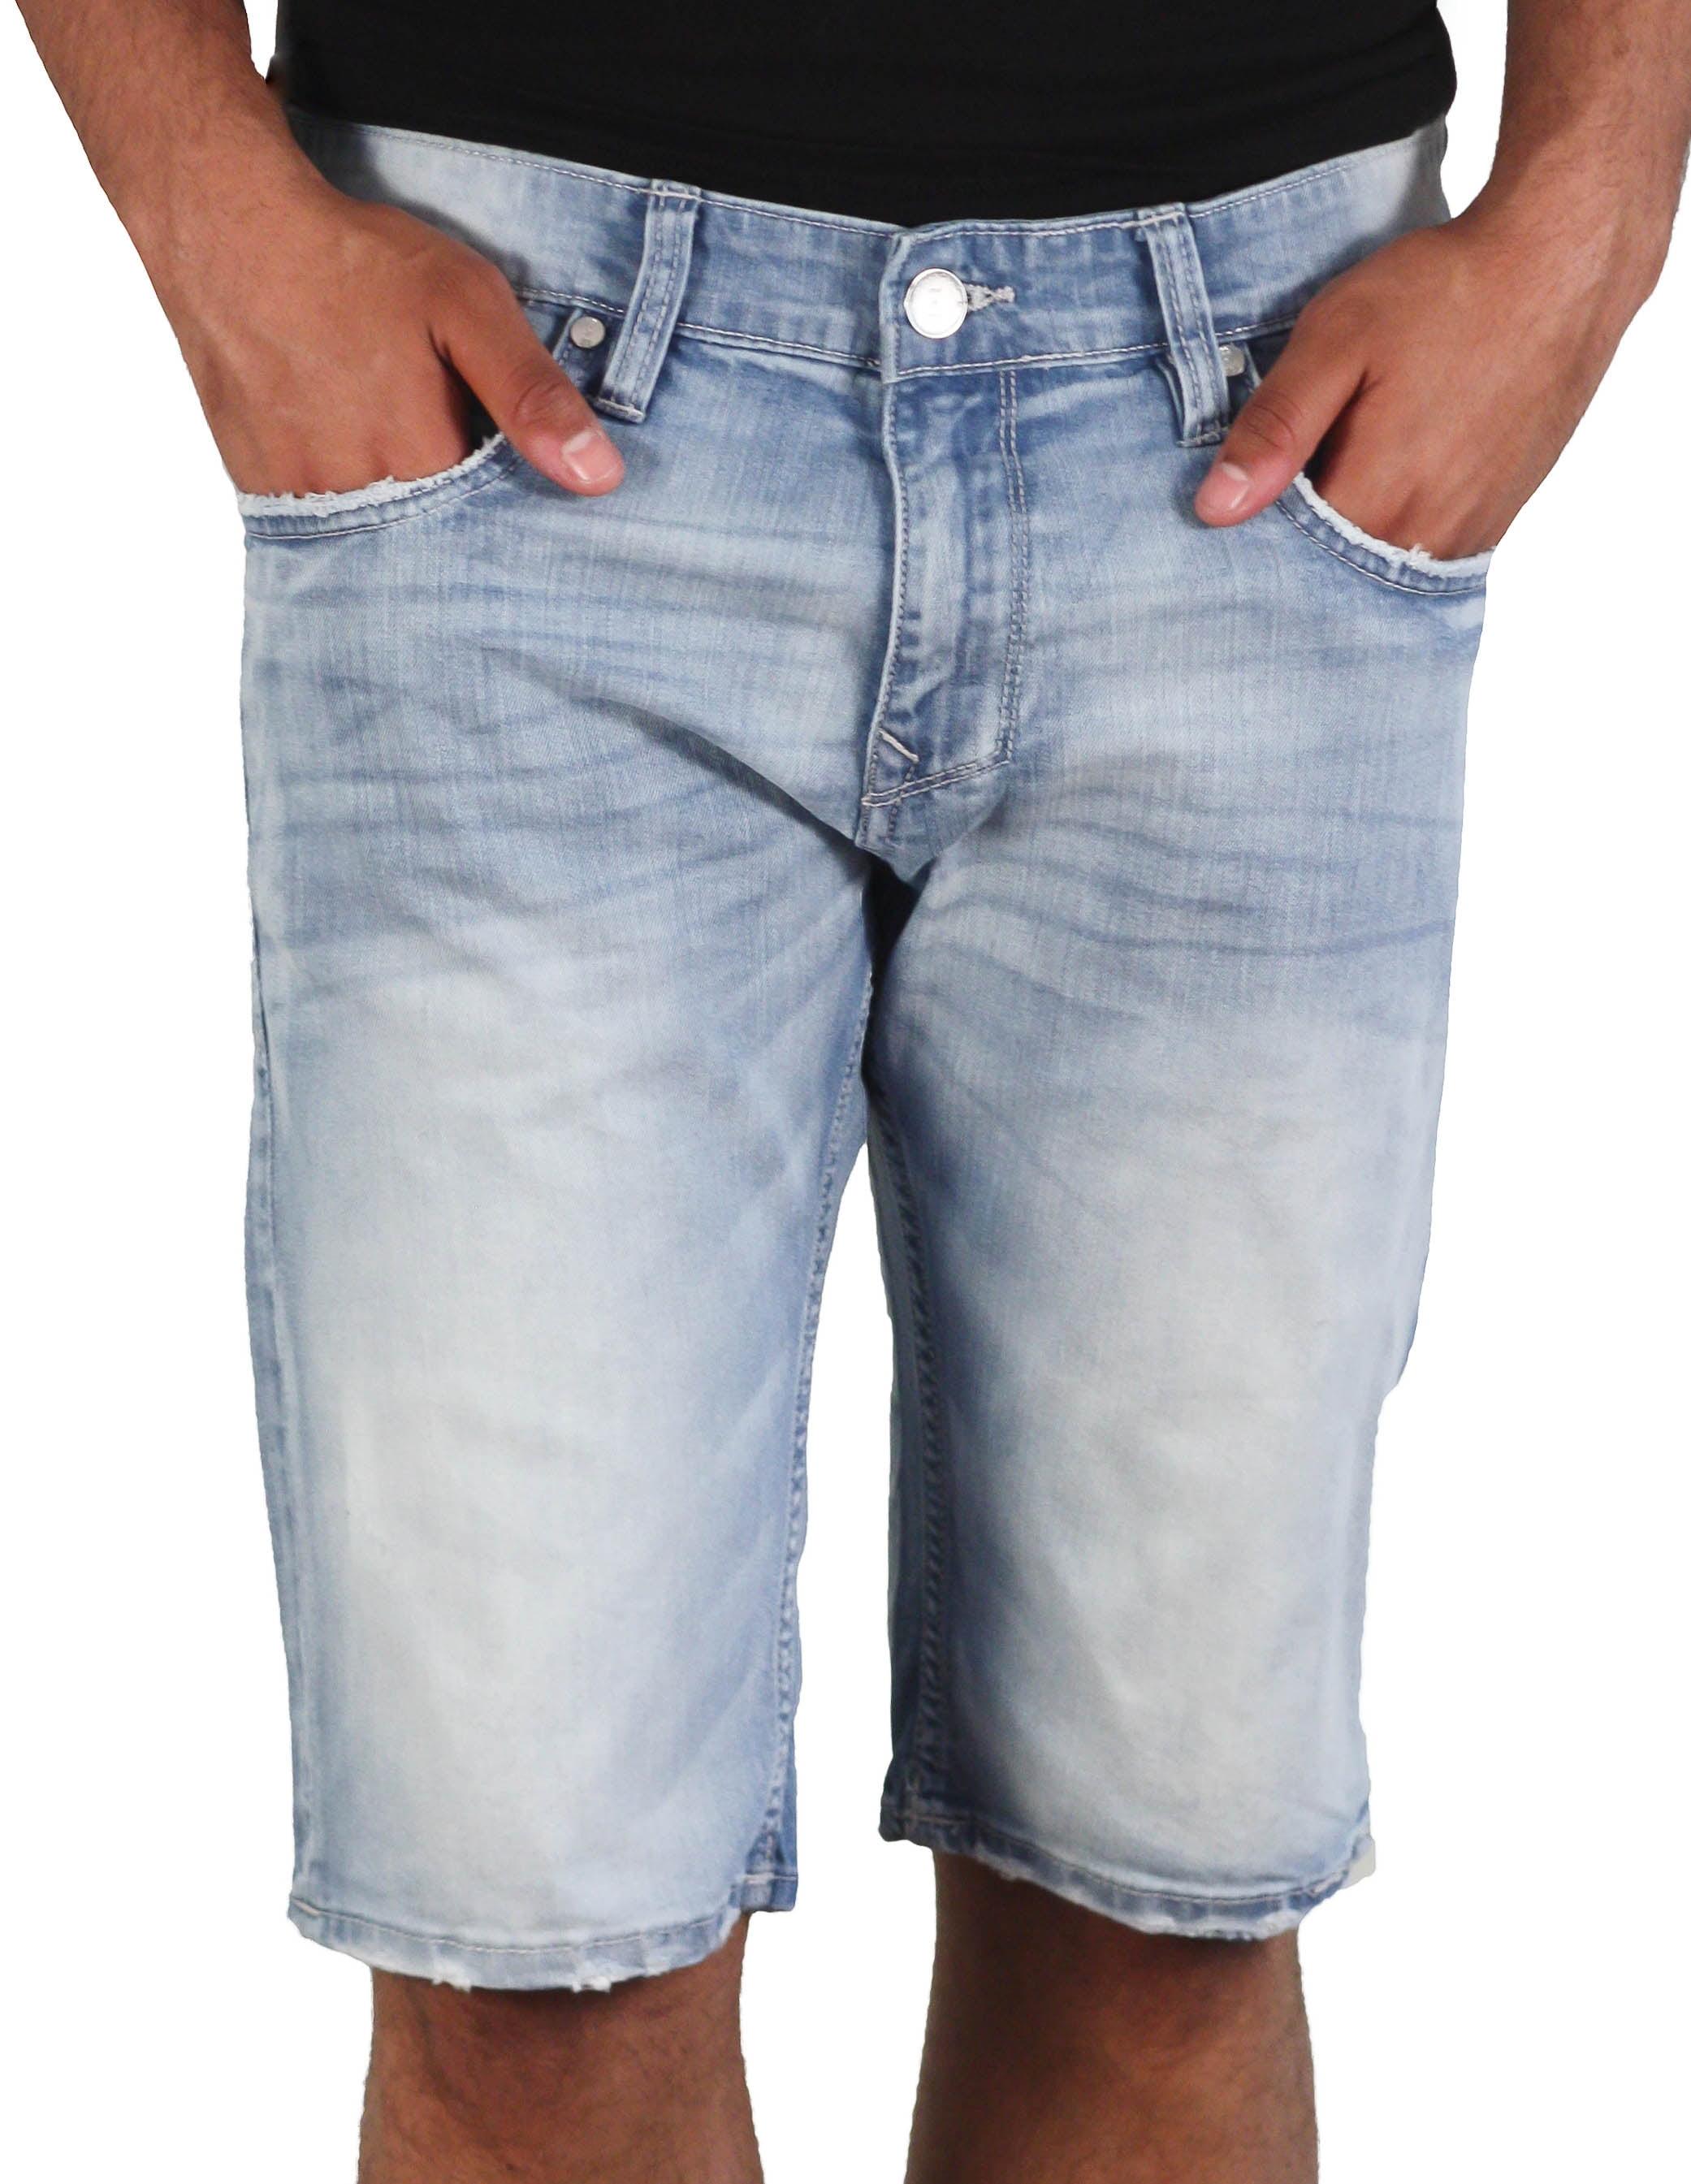 ea8d2c13480 Jordan Craig - Classic Wash Denim Shorts from Jordan Craig Legacy Edition -  Walmart.com